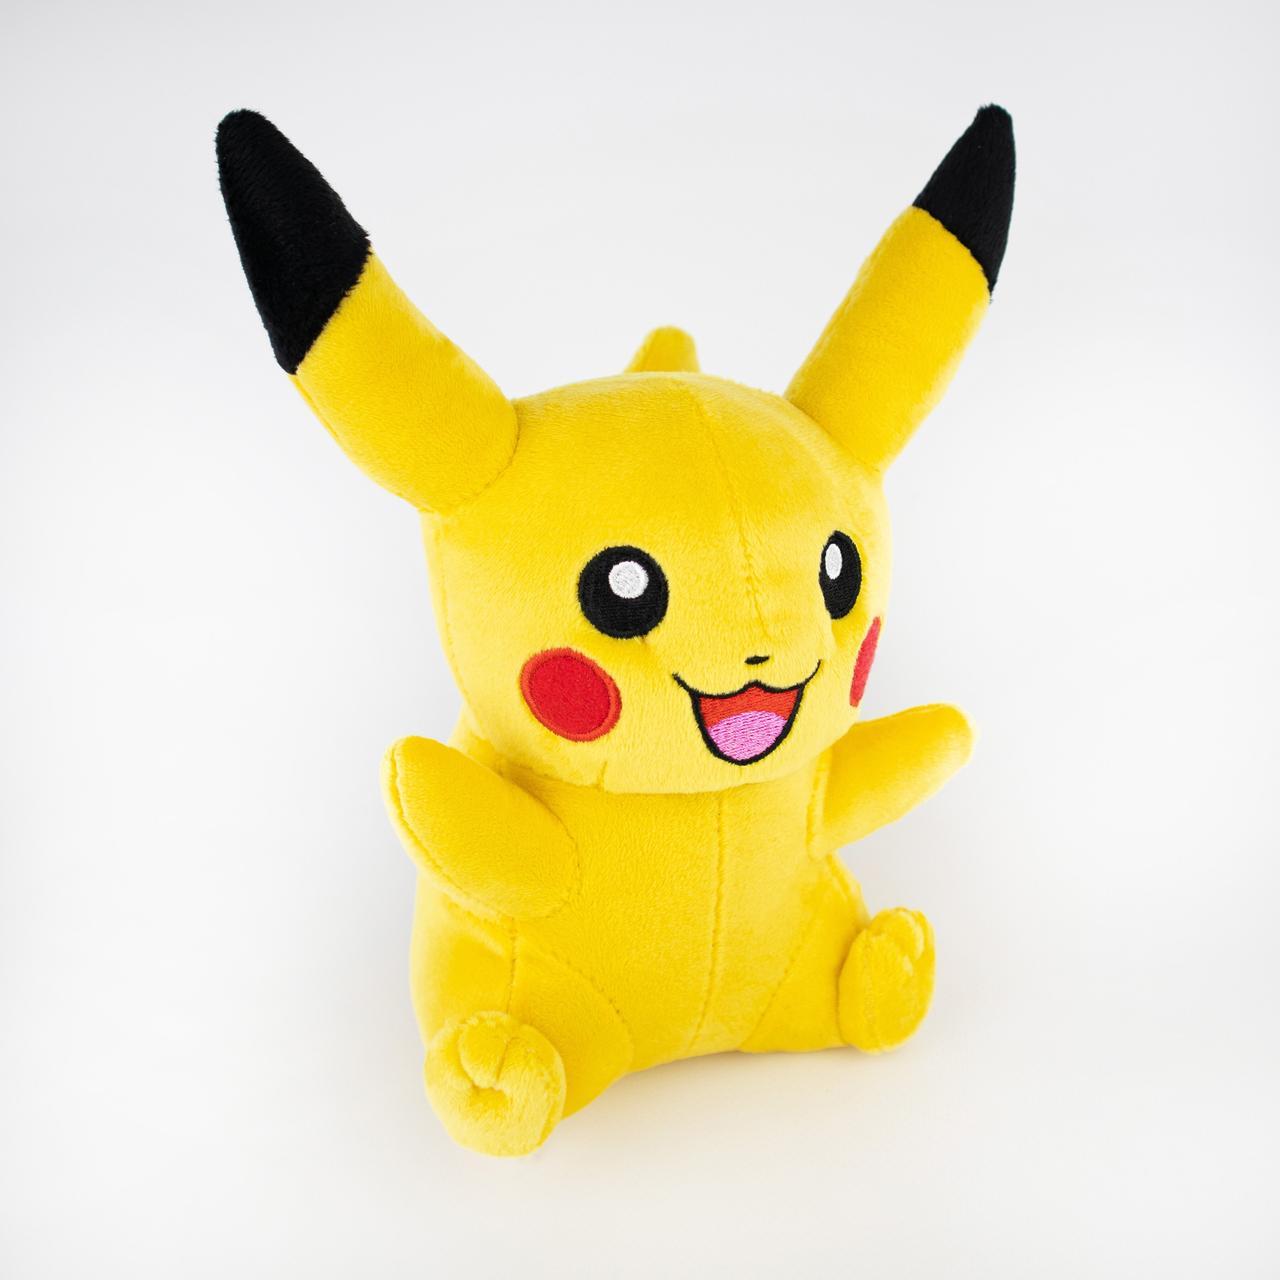 М'яка іграшка Weber Toys Покемон Пікачу з відкритим ротом 20см (6111)